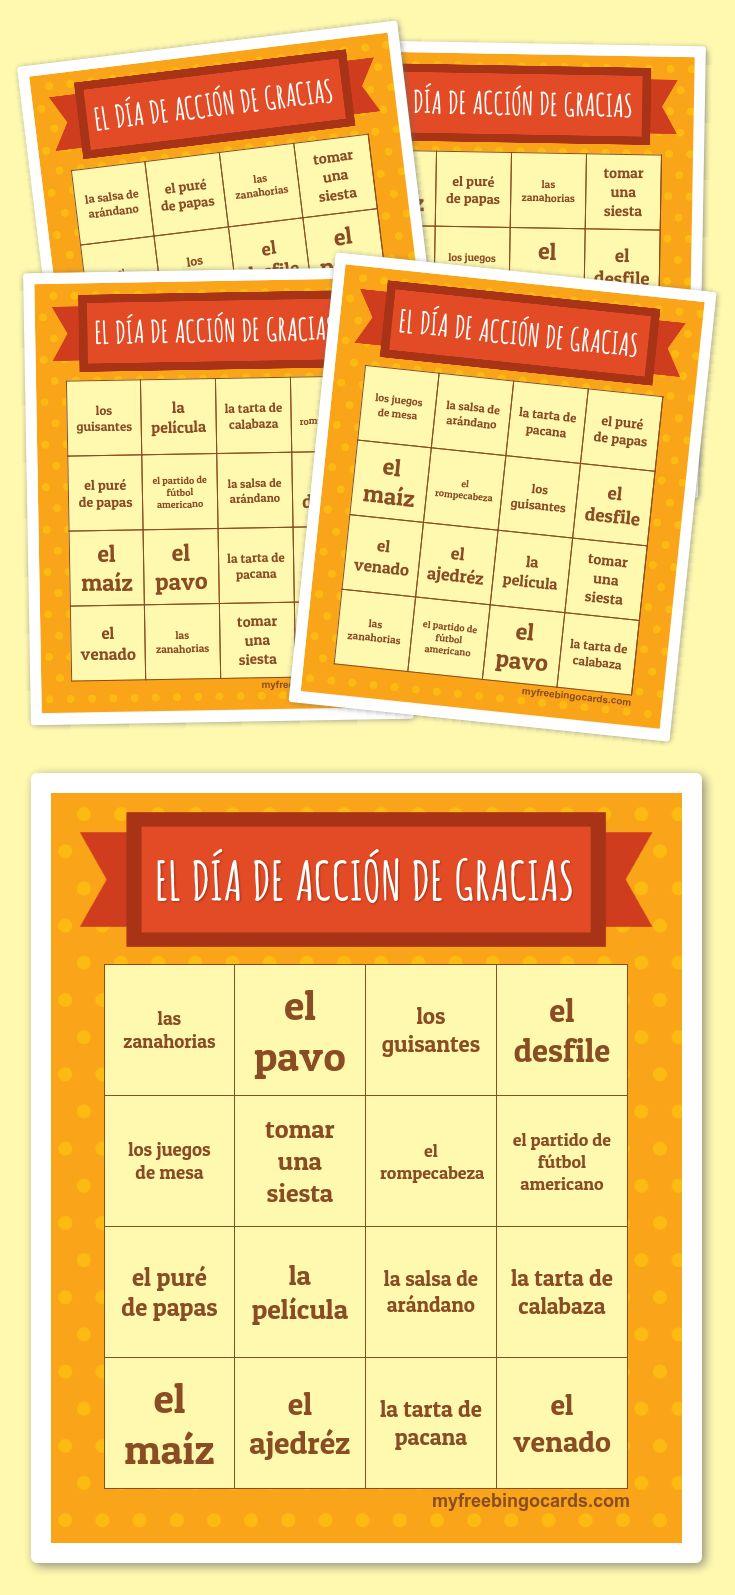 El Día de Acción de Gracias Bingo